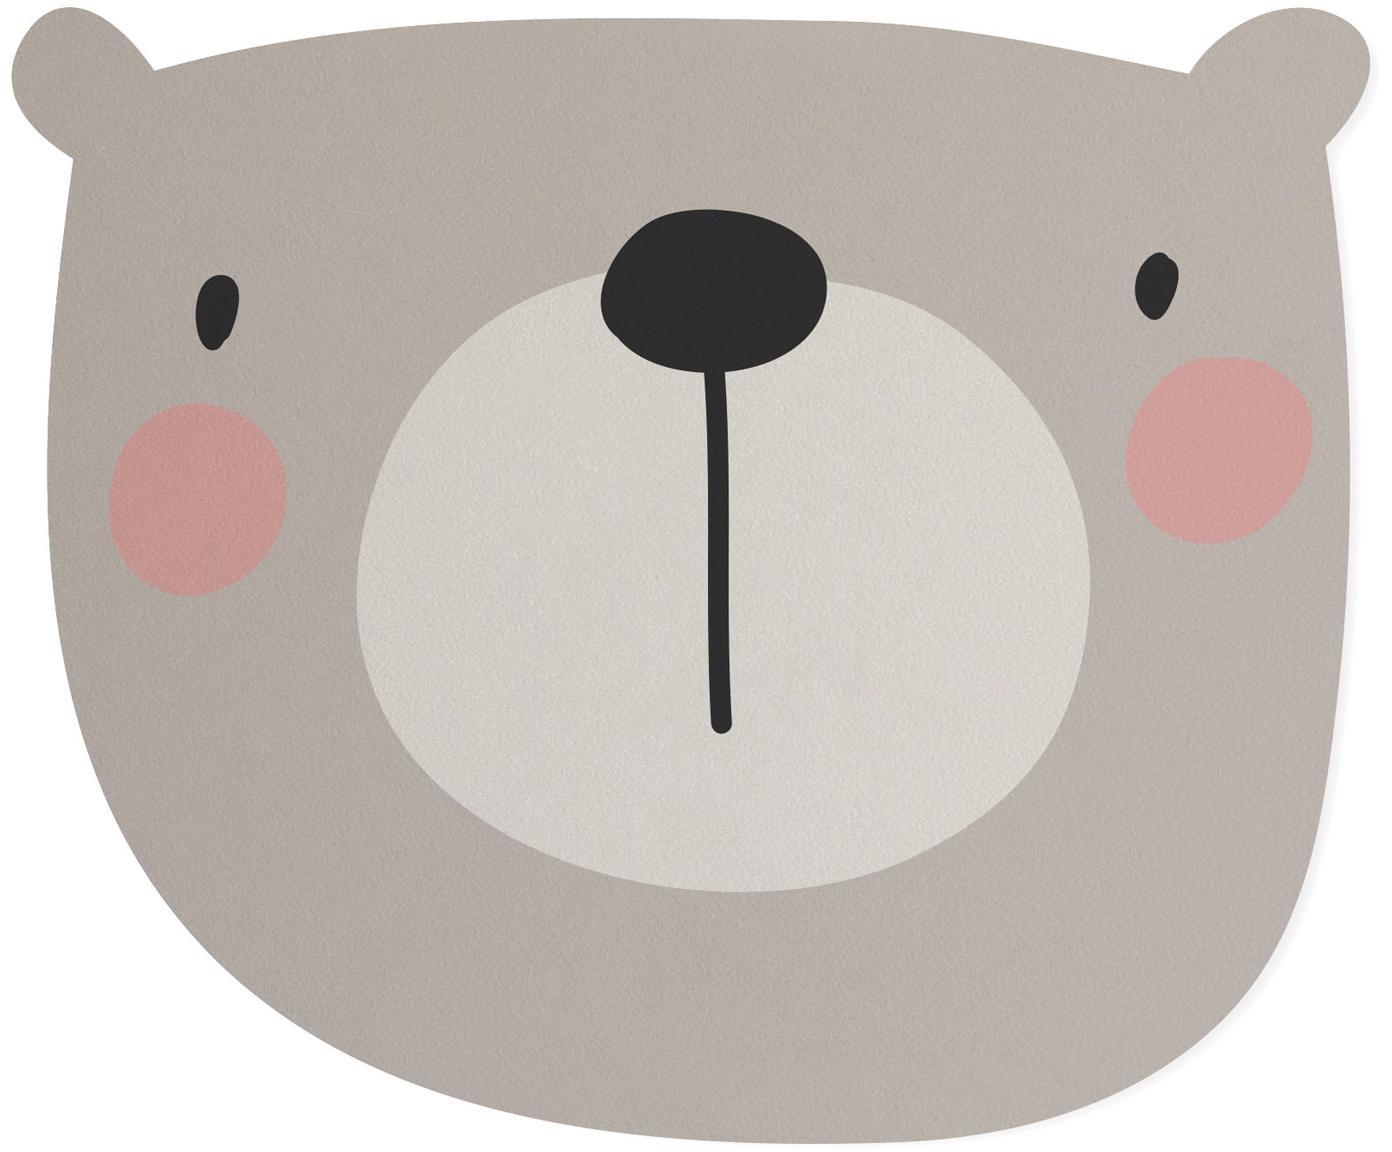 Podkładka na biurko Bear, Juta, żywica syntetyczna, Szary, beżowy, blady różowy, czarny, S 35 x D 55 cm